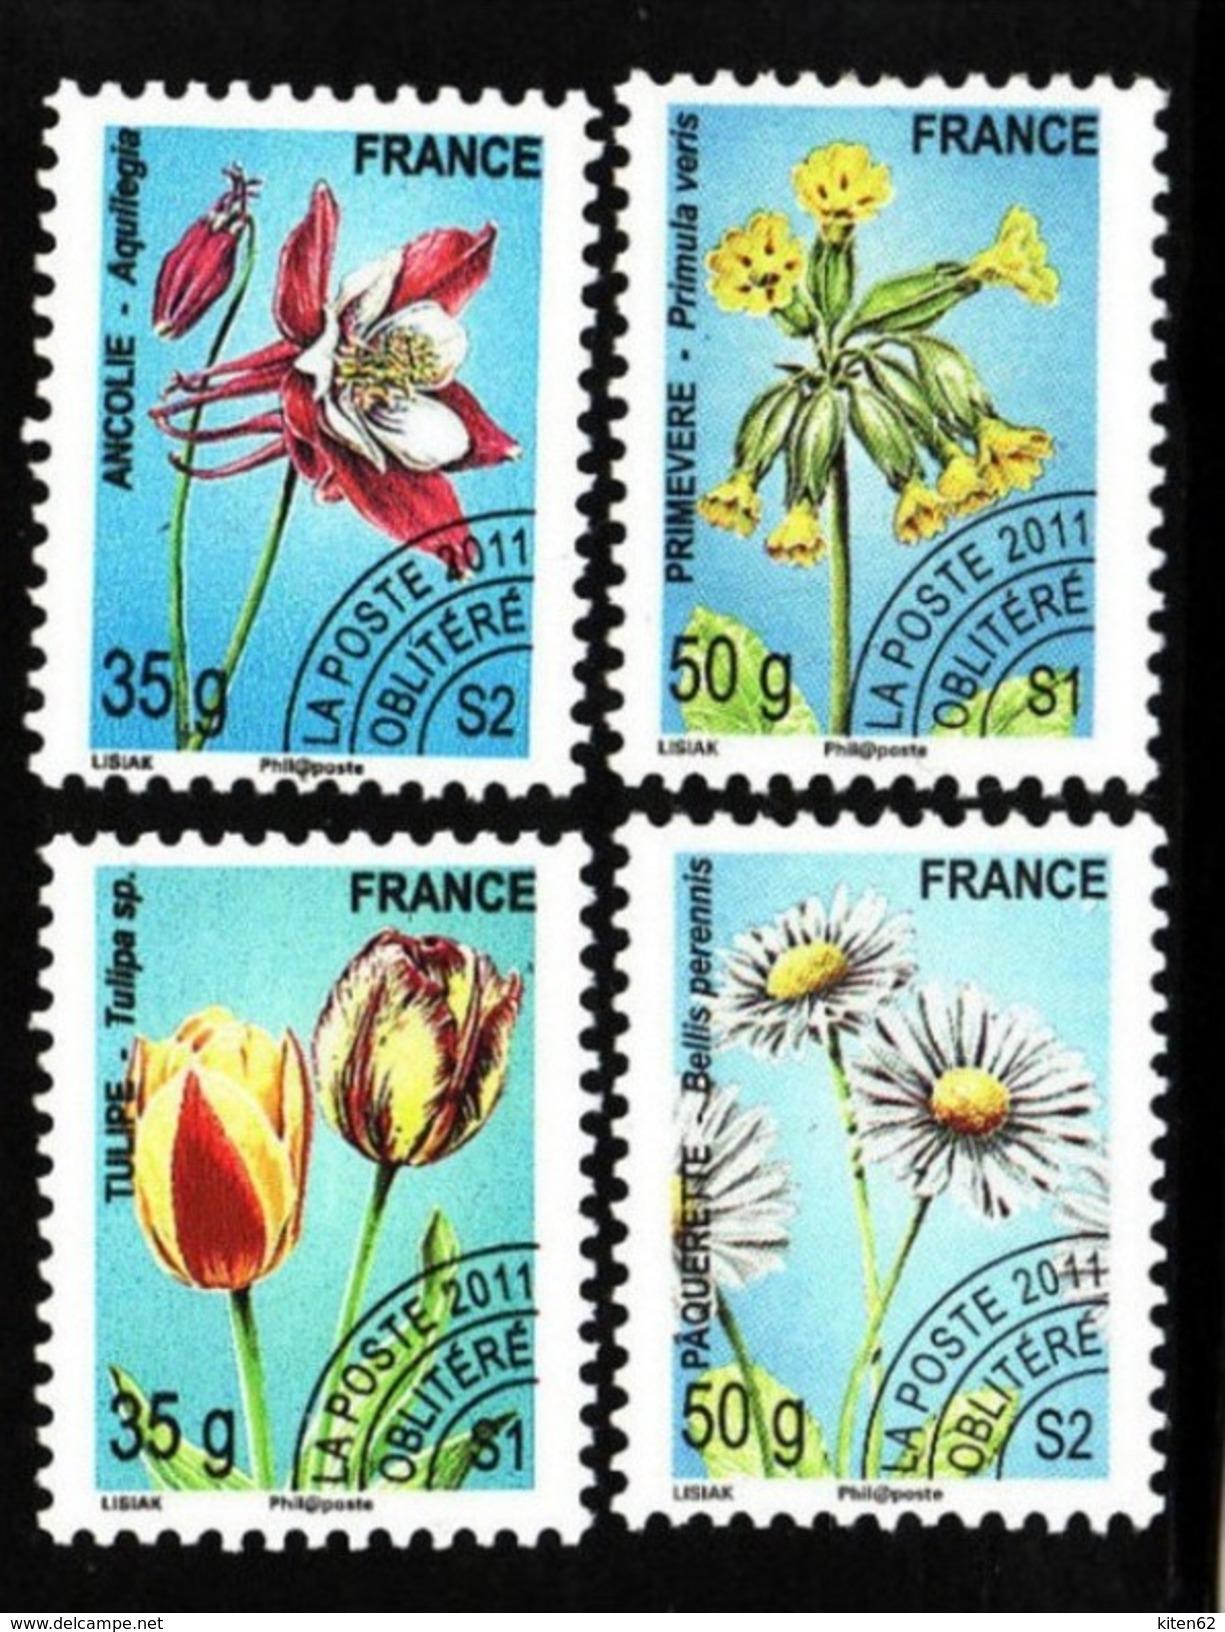 4 Timbres Préoblitérés 2011.Tulipe35g S1. Ancolie 35g S2. Paquerette 50g S2. Primevère 50g. S1 - Precancels